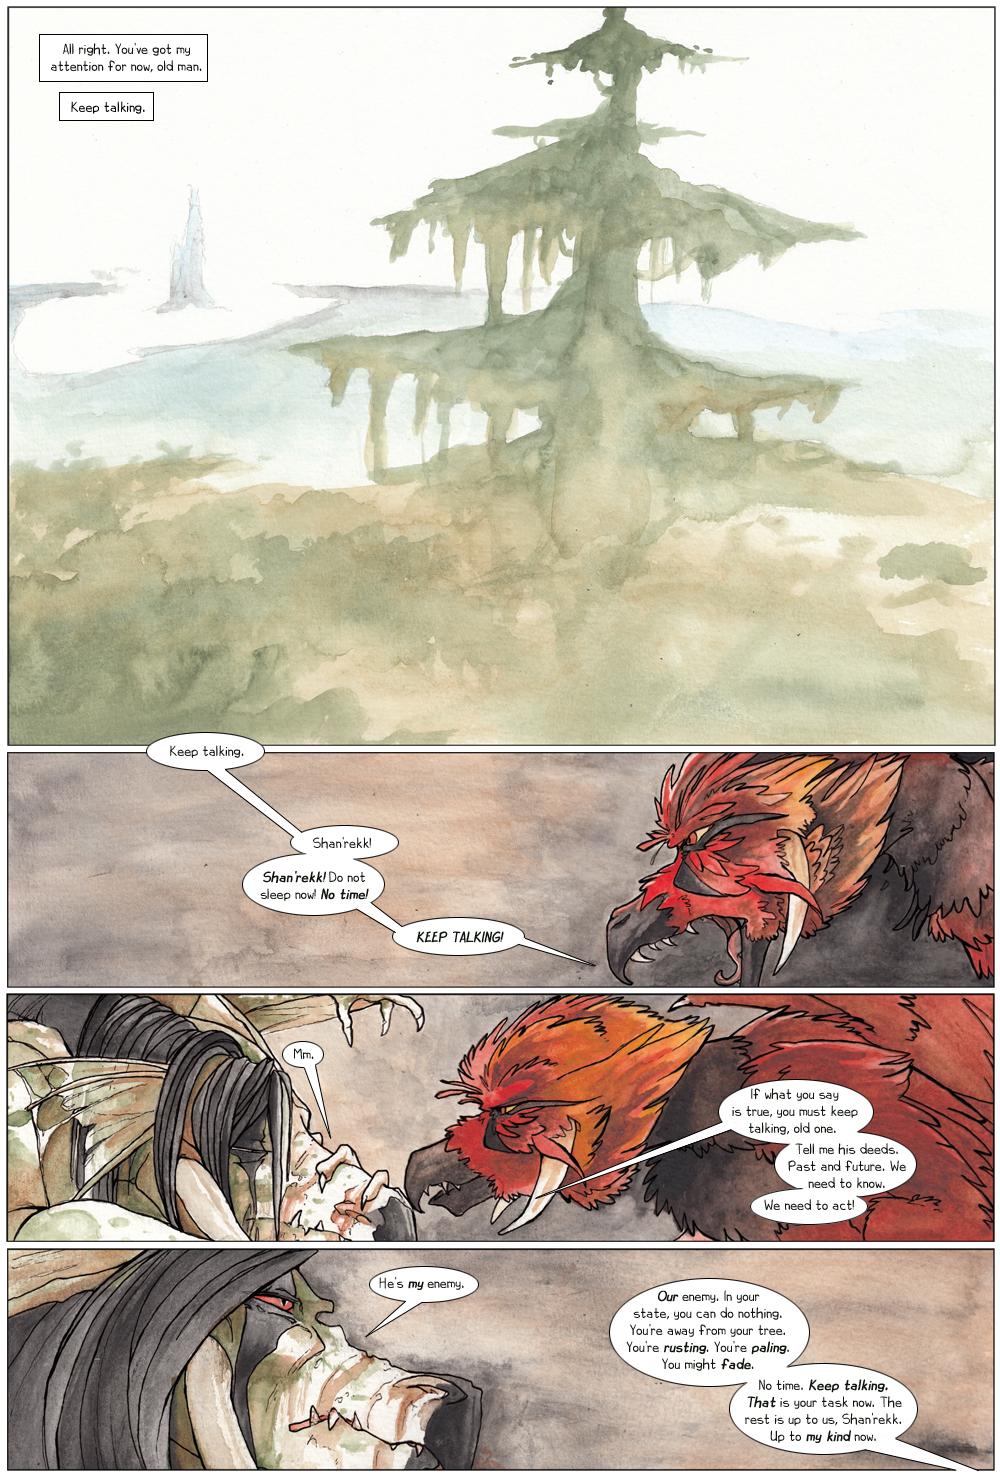 Interruption One: Page 6